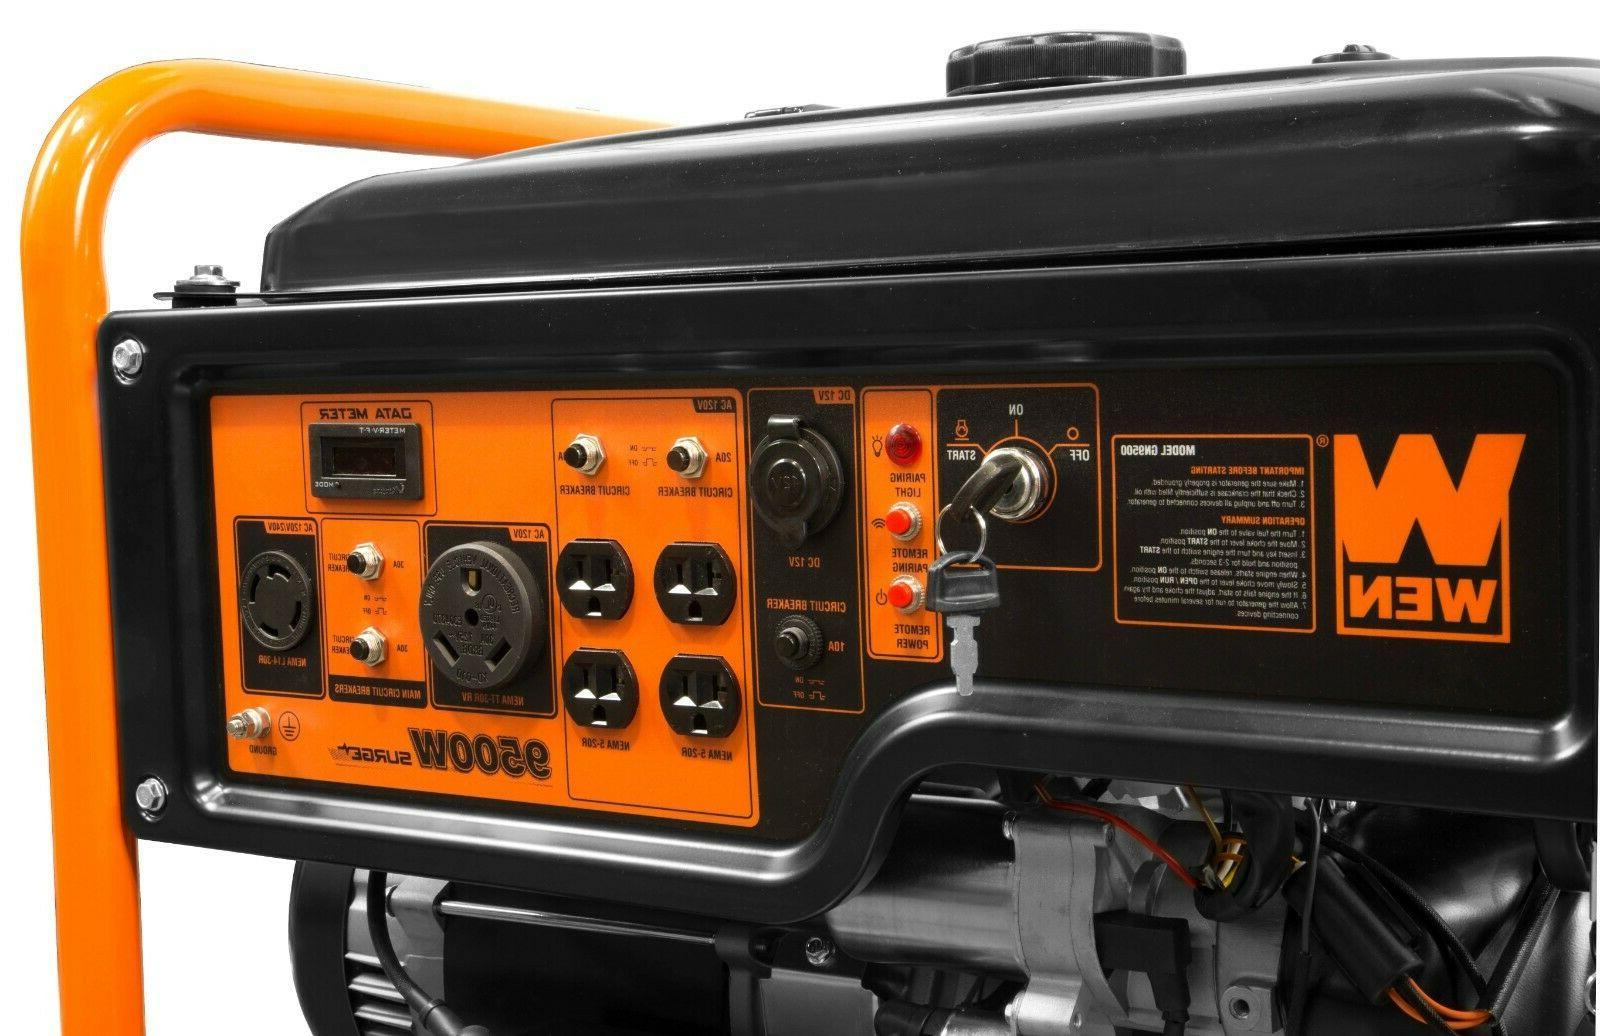 WEN Transfer Switch/RV 120V/240V Portable